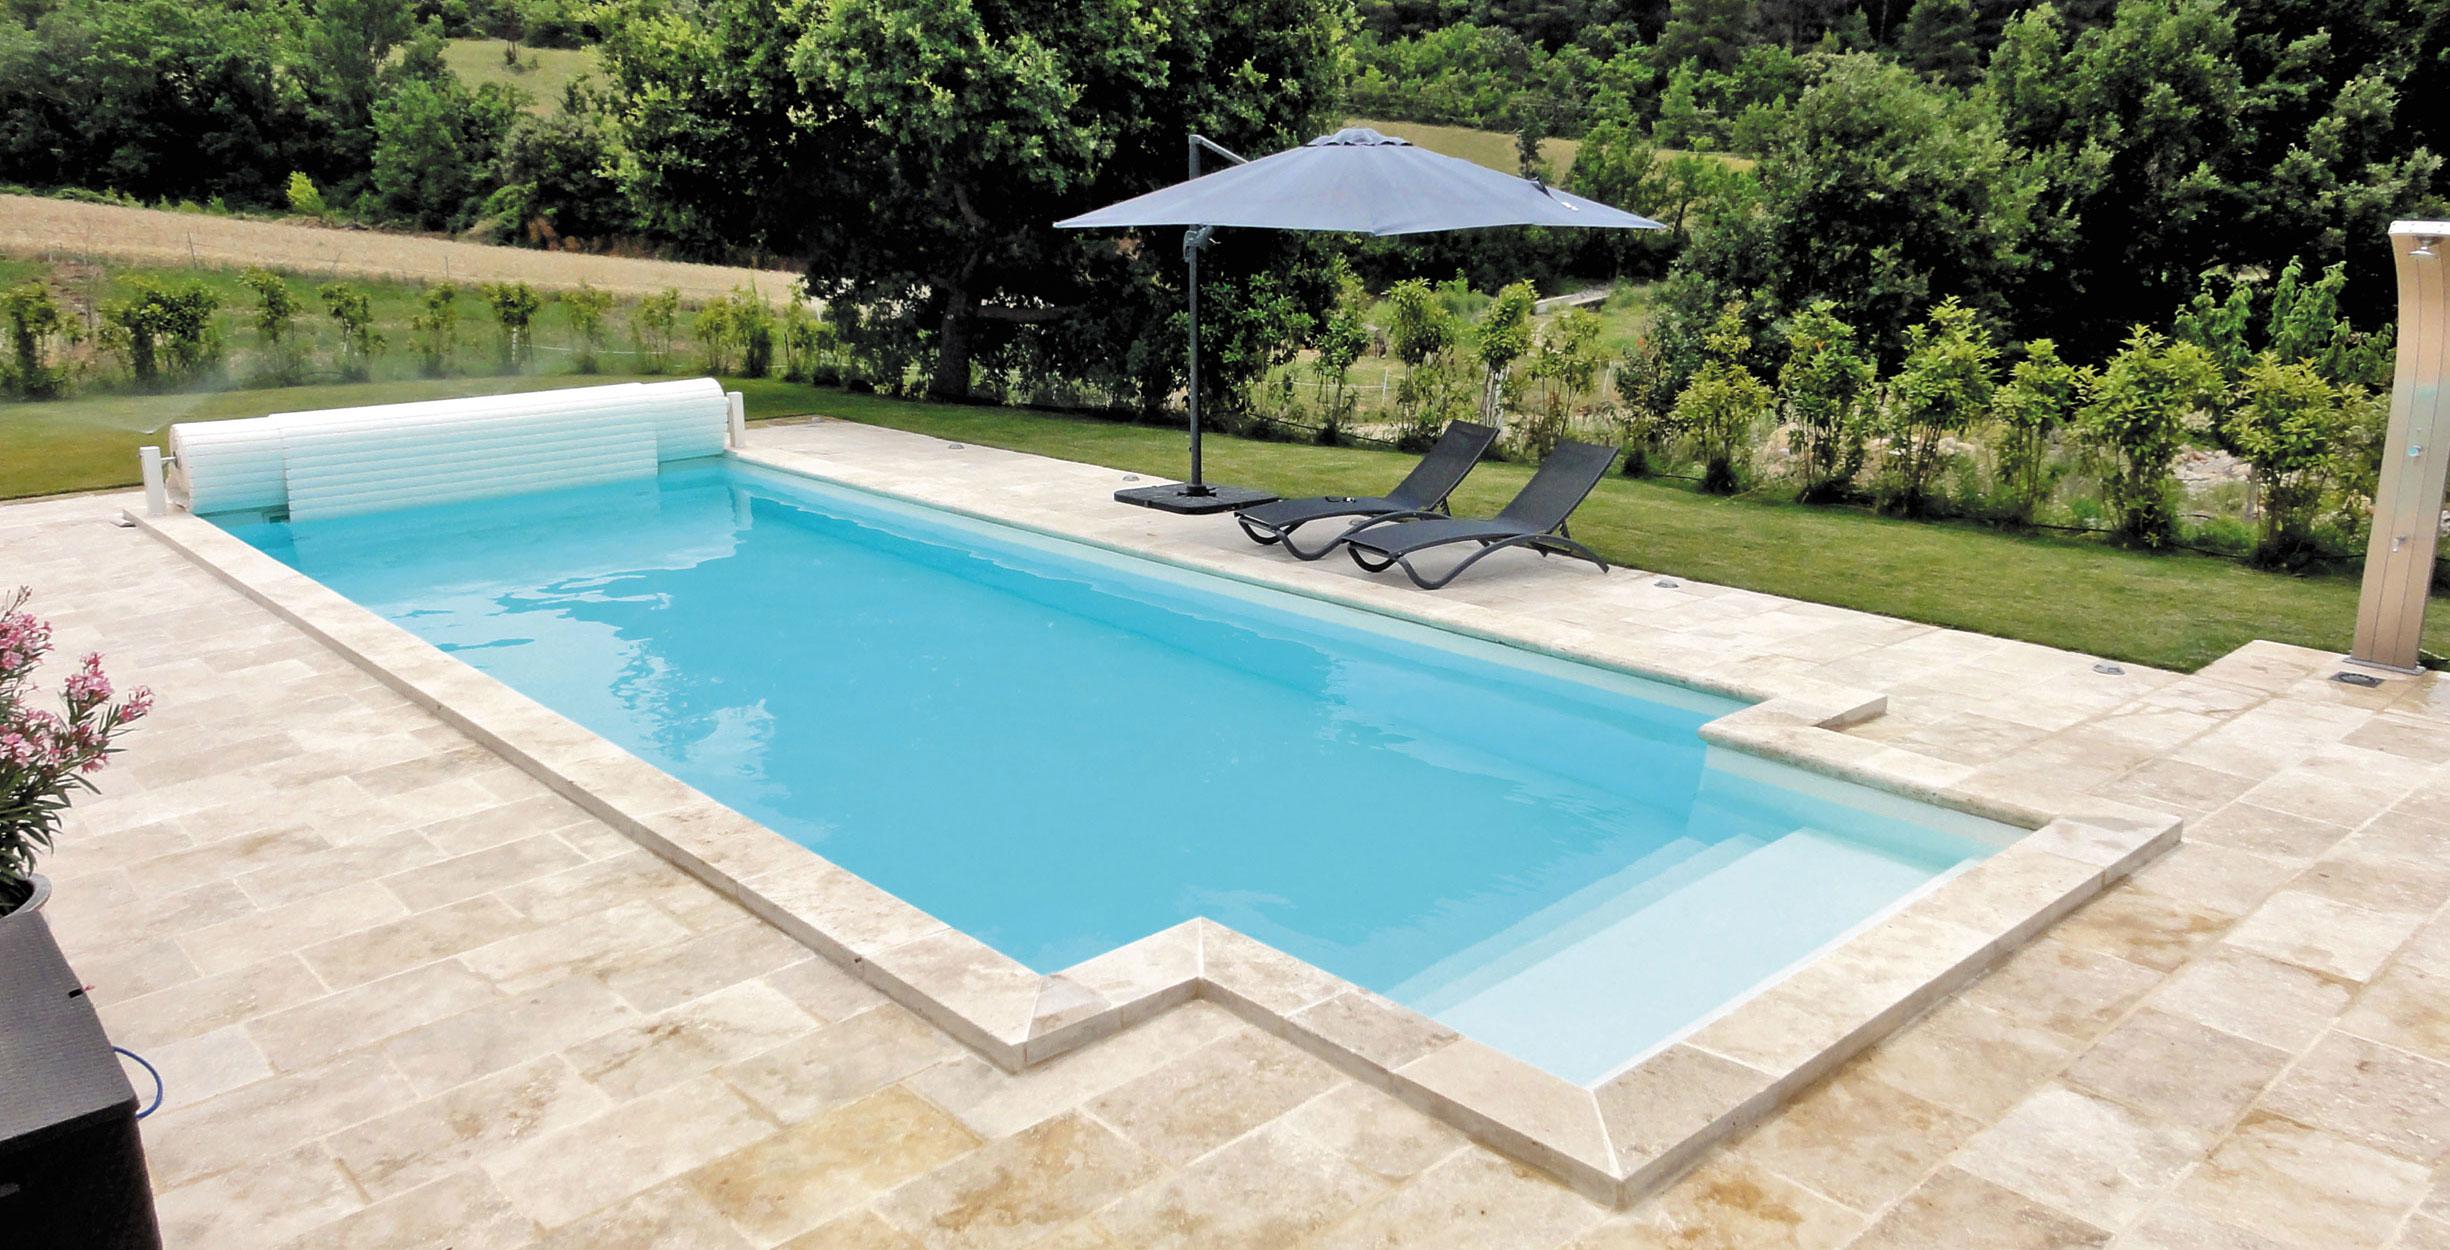 generation-piscine-drome-ardeche-modele-port-pin Points de vente - Génération Piscine Drôme Ardèche